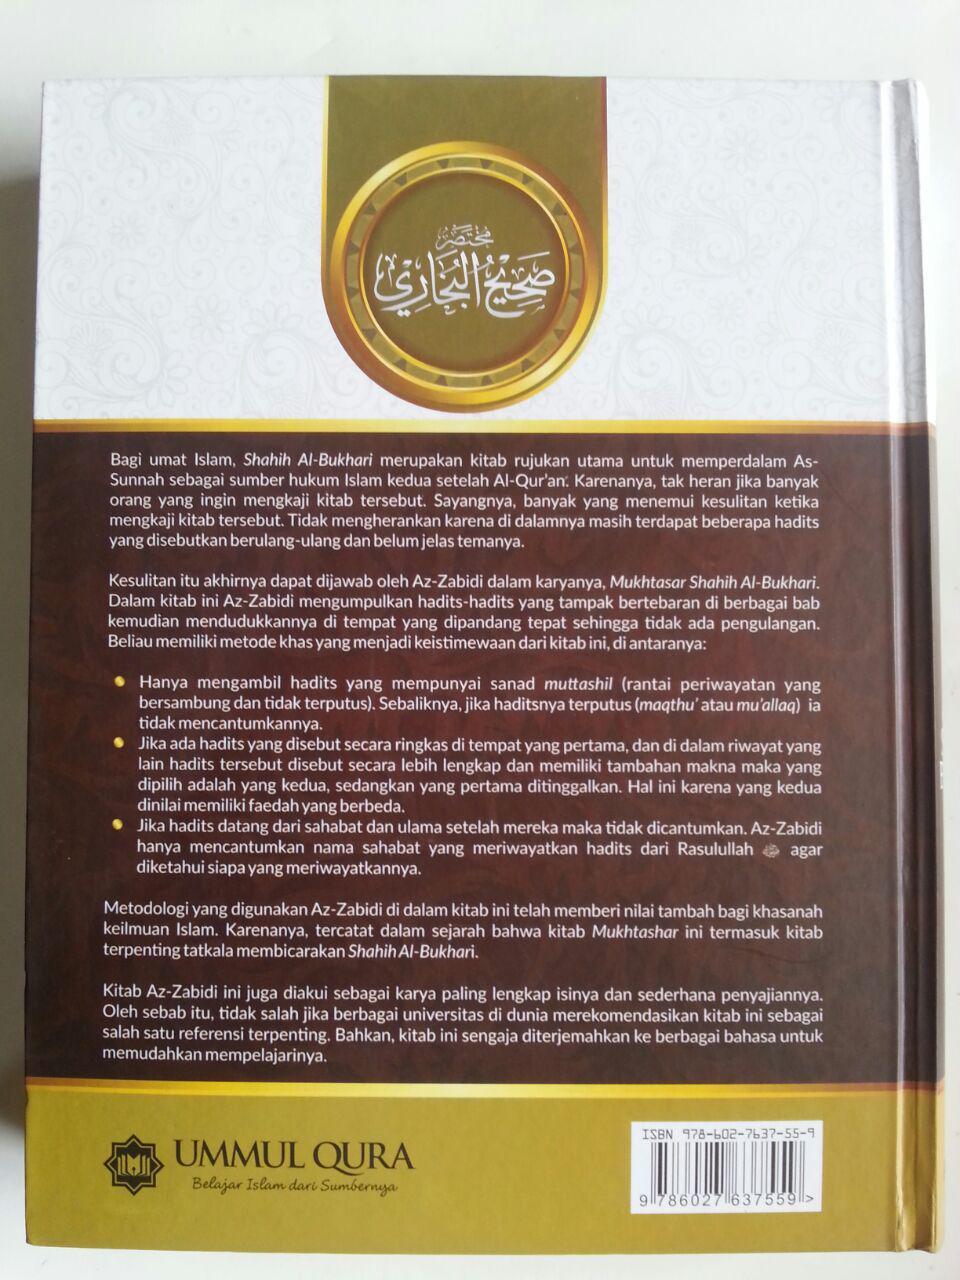 Buku Mukhtashar Shahih Bukhari cover